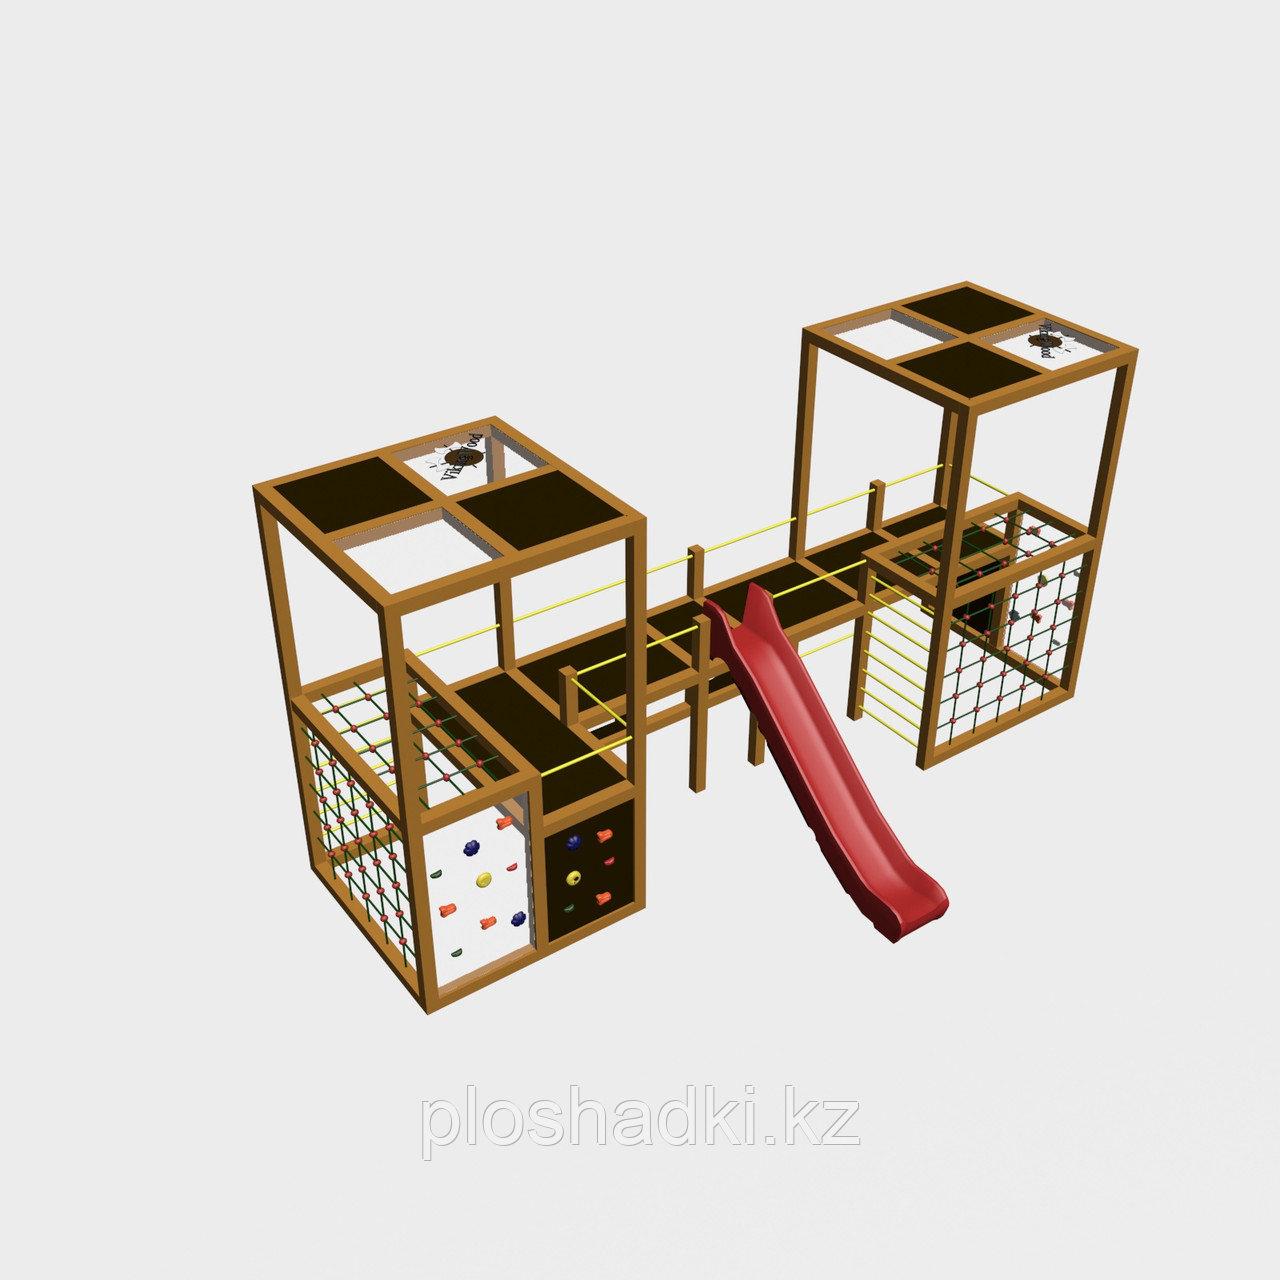 """Игровой комплекс """"Куб 3"""", канатная сетка, крыша, скат, органическое стекло"""